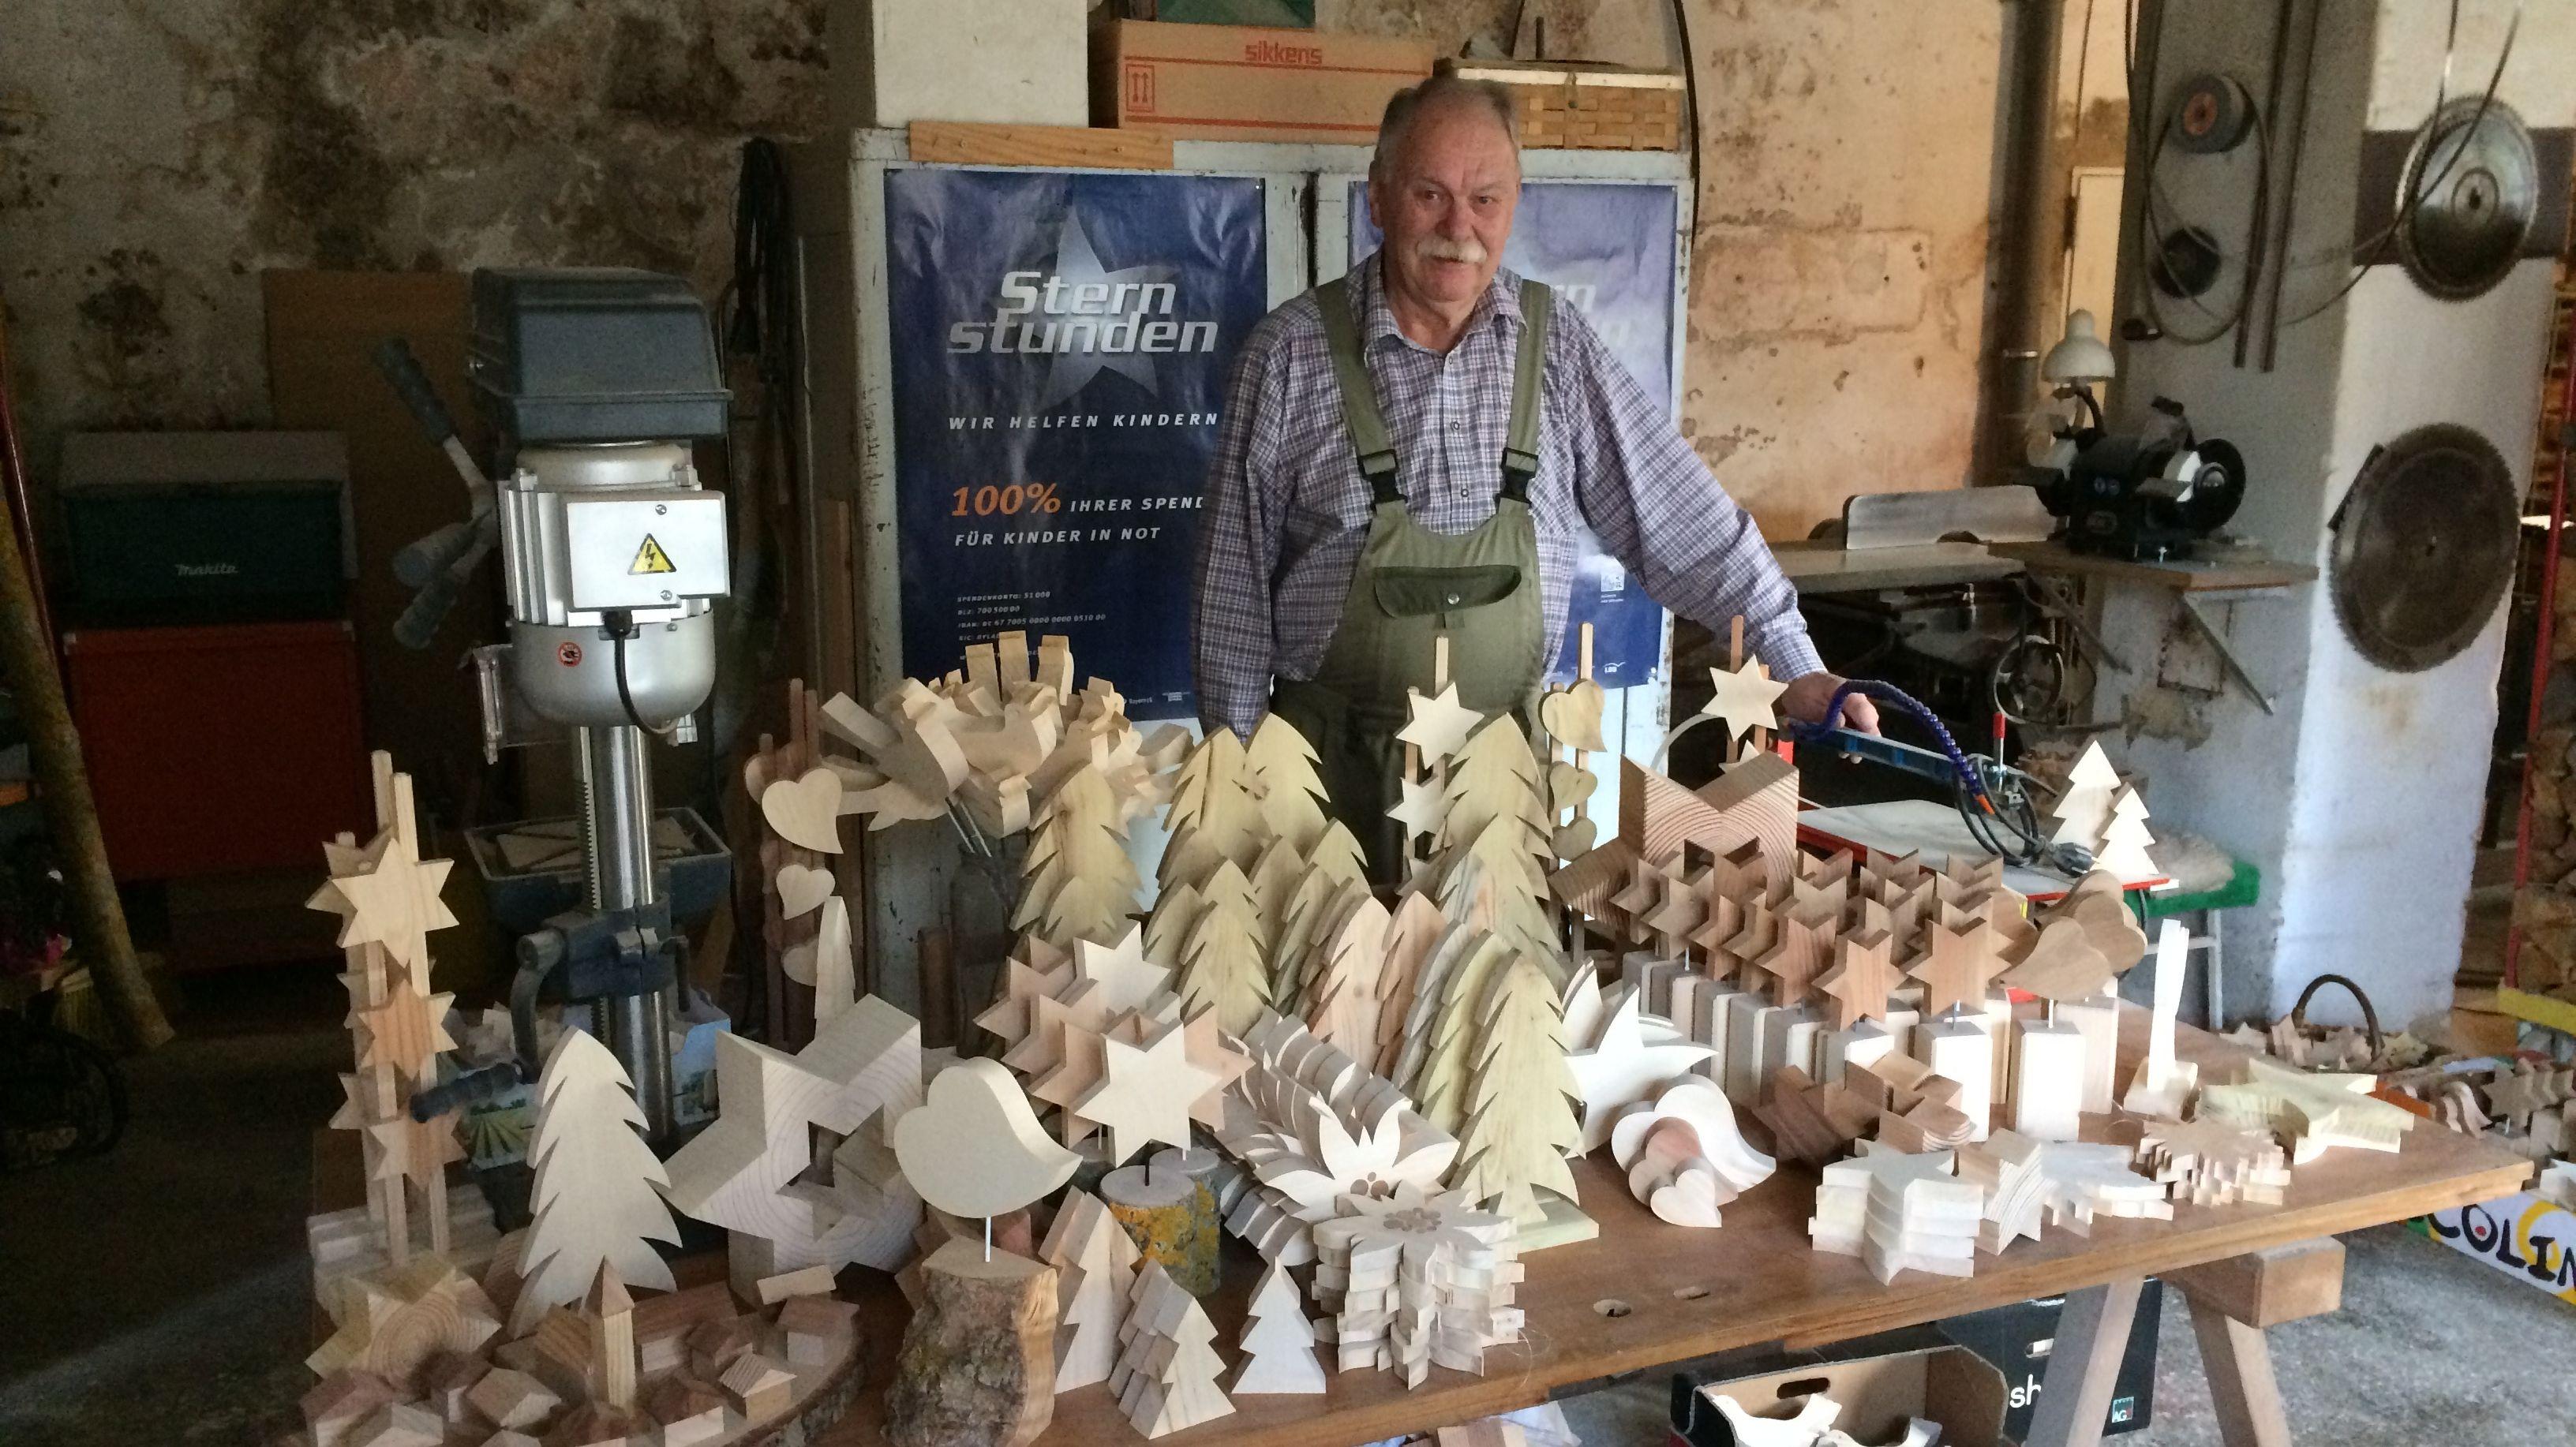 Hobby-Handwerker Richard Winderl in seiner Werkstatt. Vor ihm die Holzwerke, die er für den guten Zweck verkauft hat.